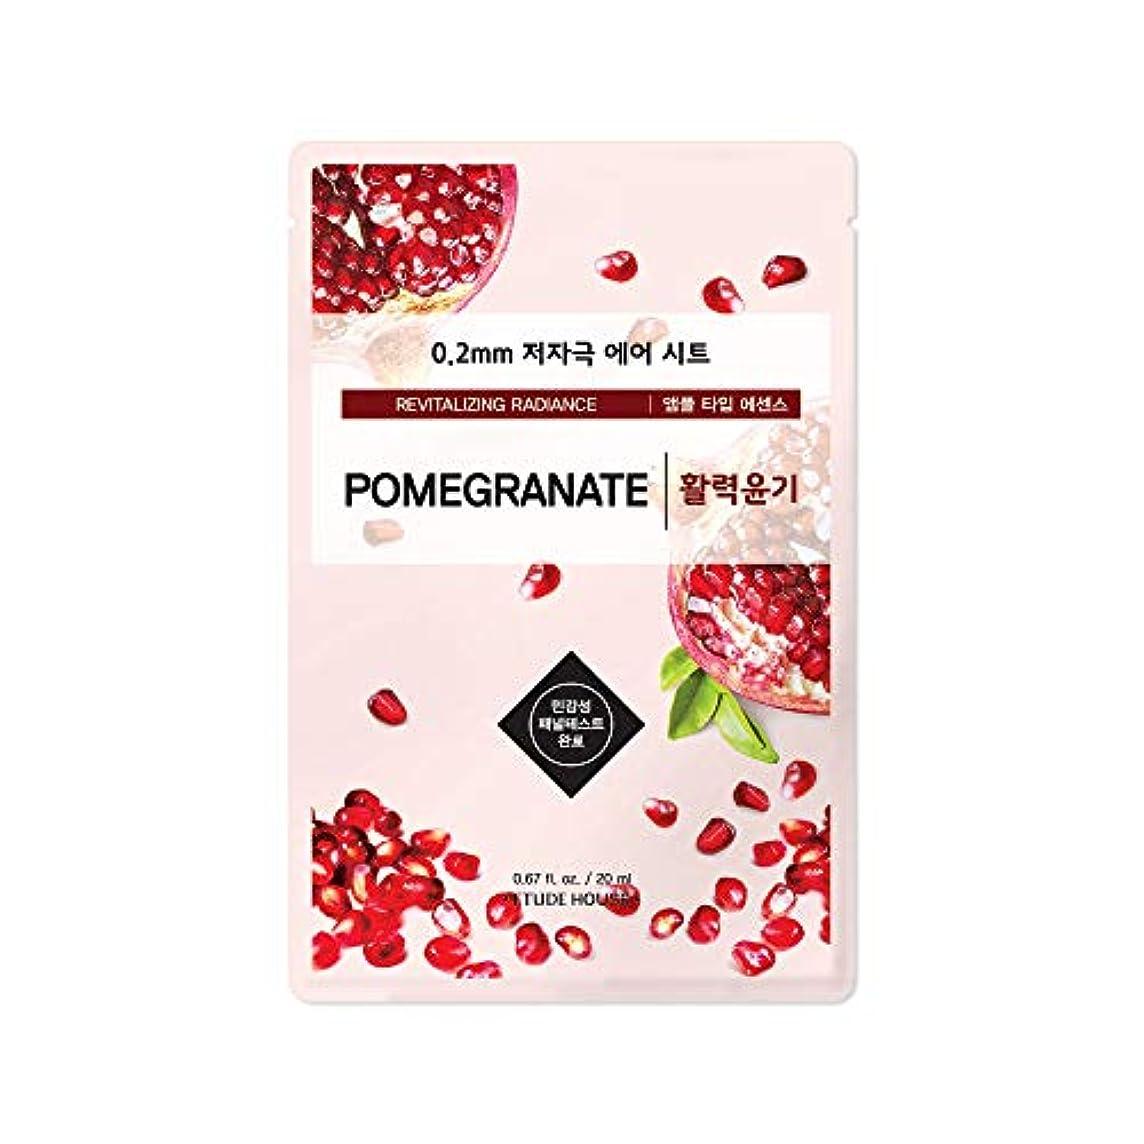 努力するマウント持参ETUDE HOUSE 0.2 Therapy Air Mask 20ml×10ea (#07 Pomegranate)/エチュードハウス 0.2 セラピー エア マスク 20ml×10枚 (#07 Pomegranate)